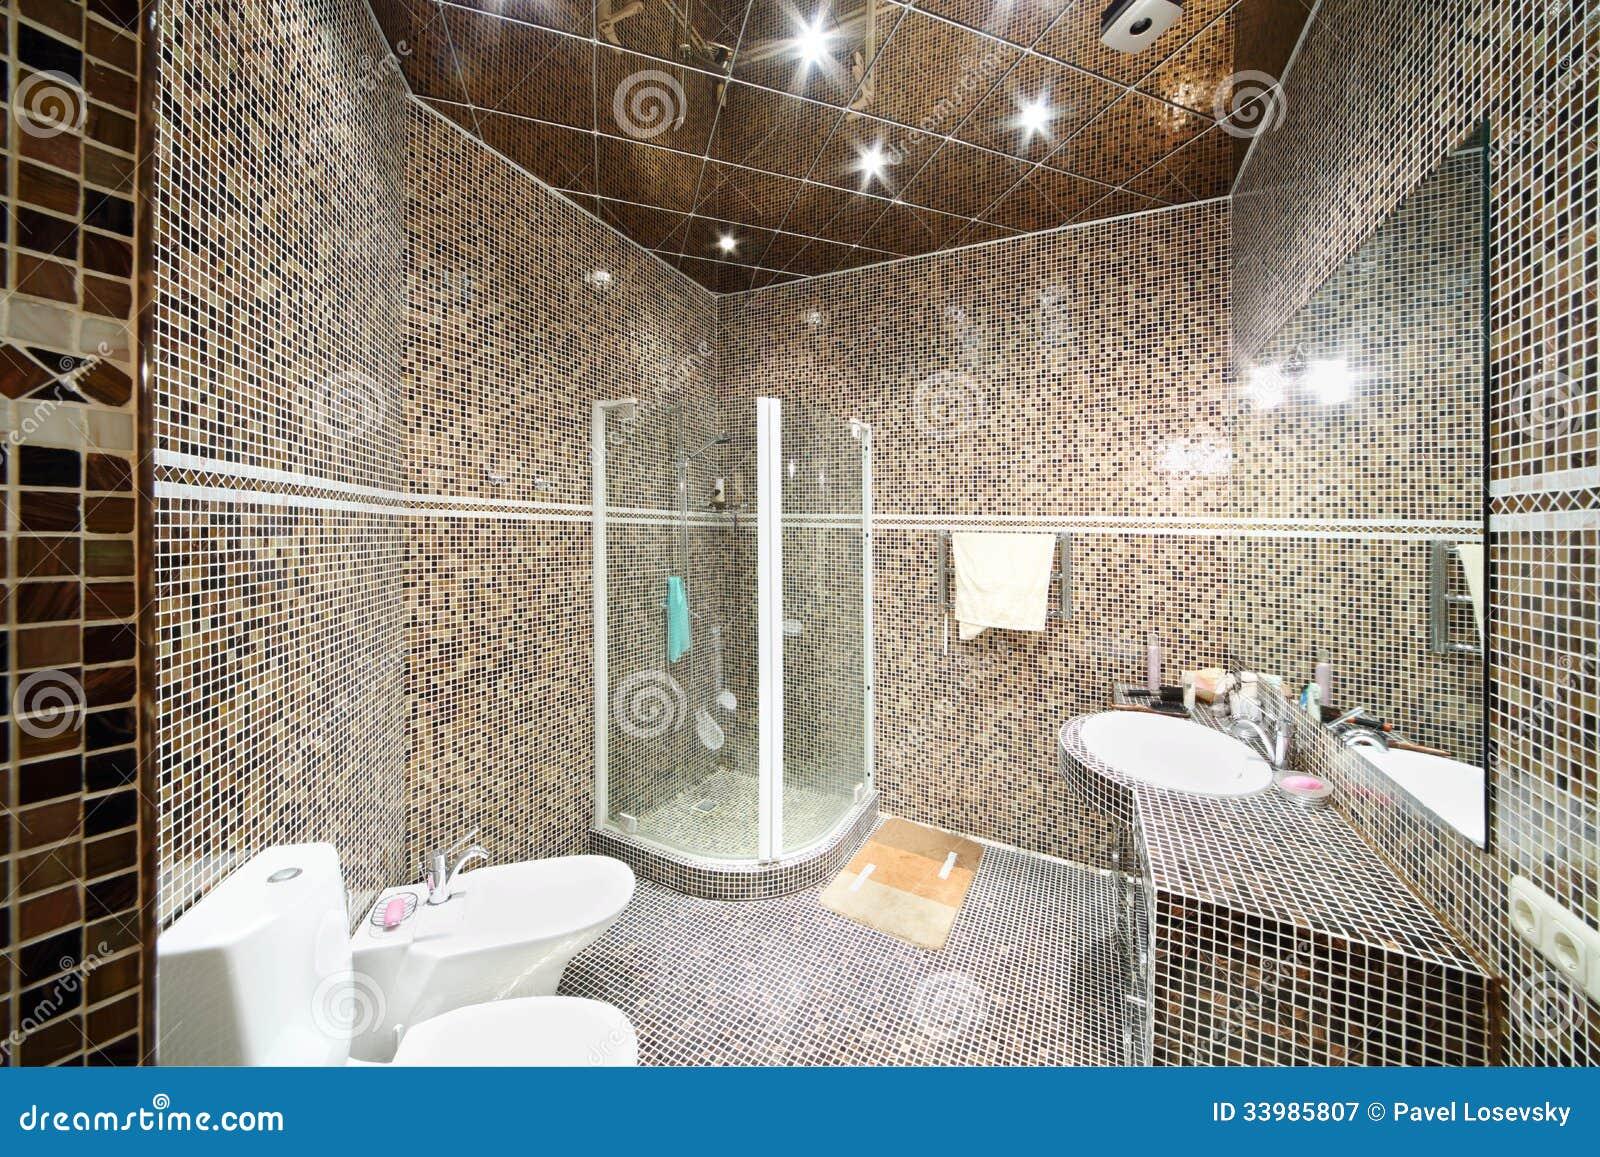 Cuartos De Baño Con Ducha Pequenos:Small Bathroom with Shower Toilet and Sink